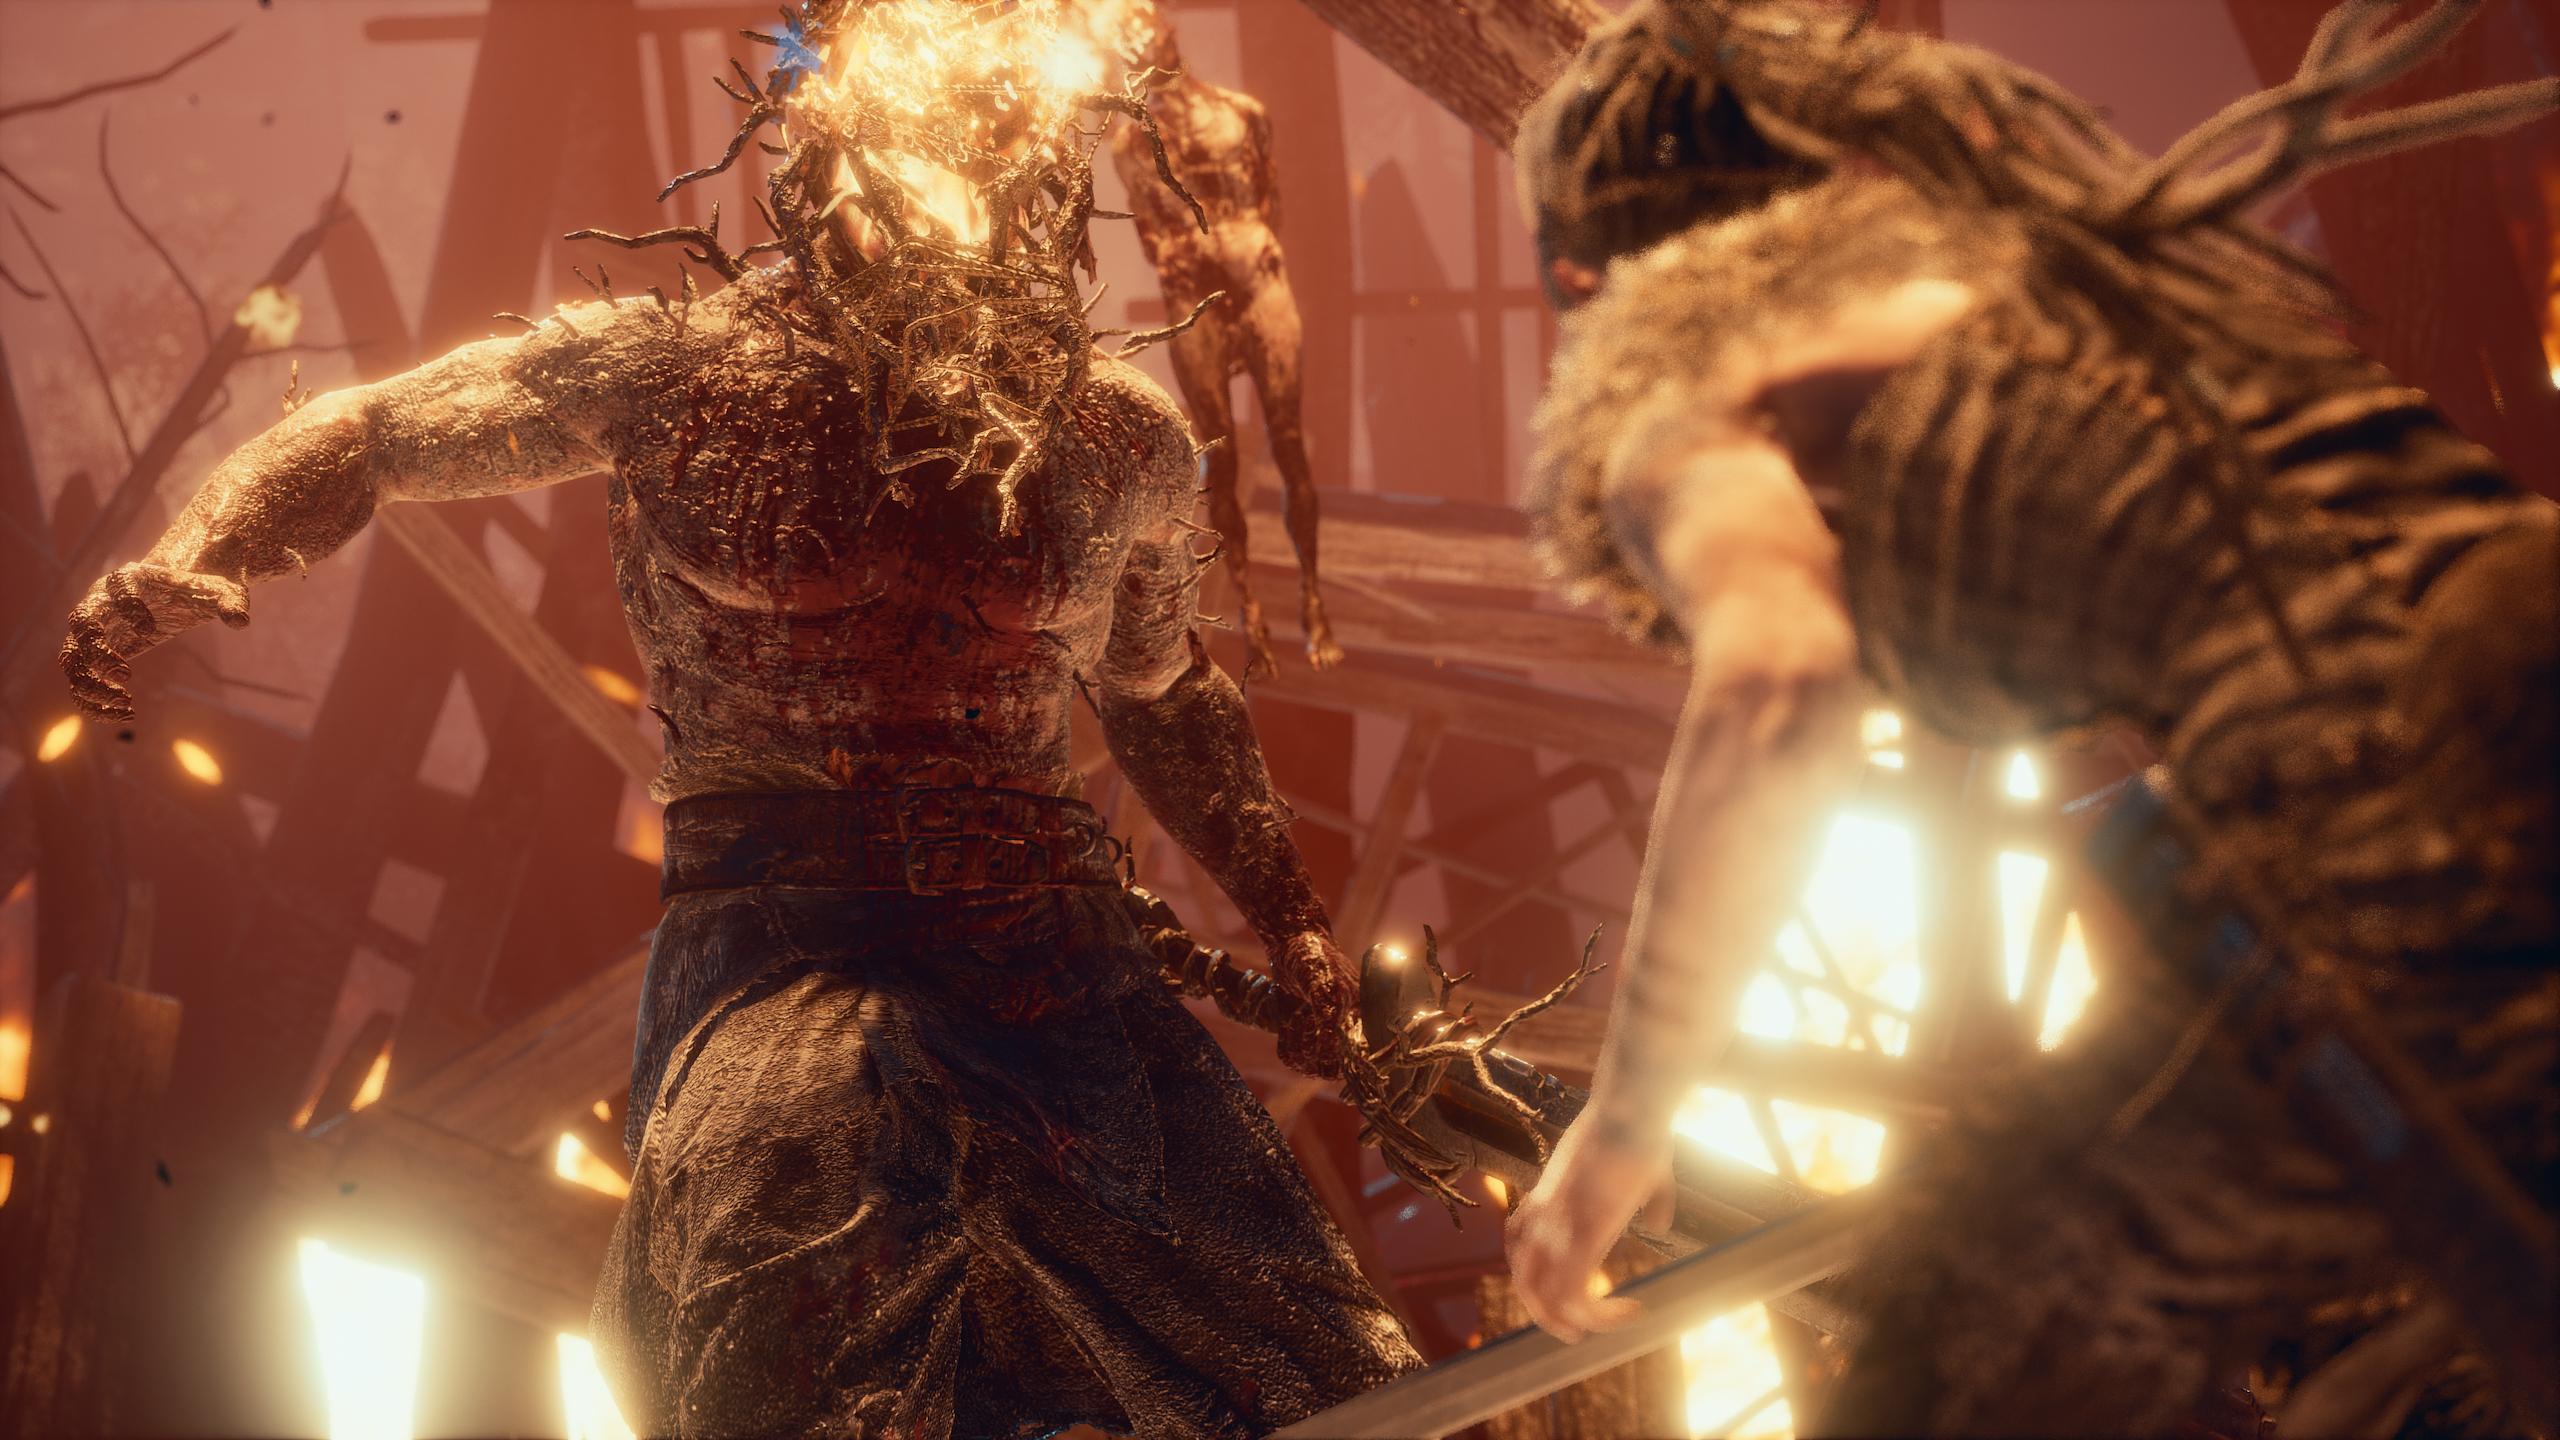 Hellblade: نصائح مكافحة التضحية لـ Senua واستراتيجيات Boss 9